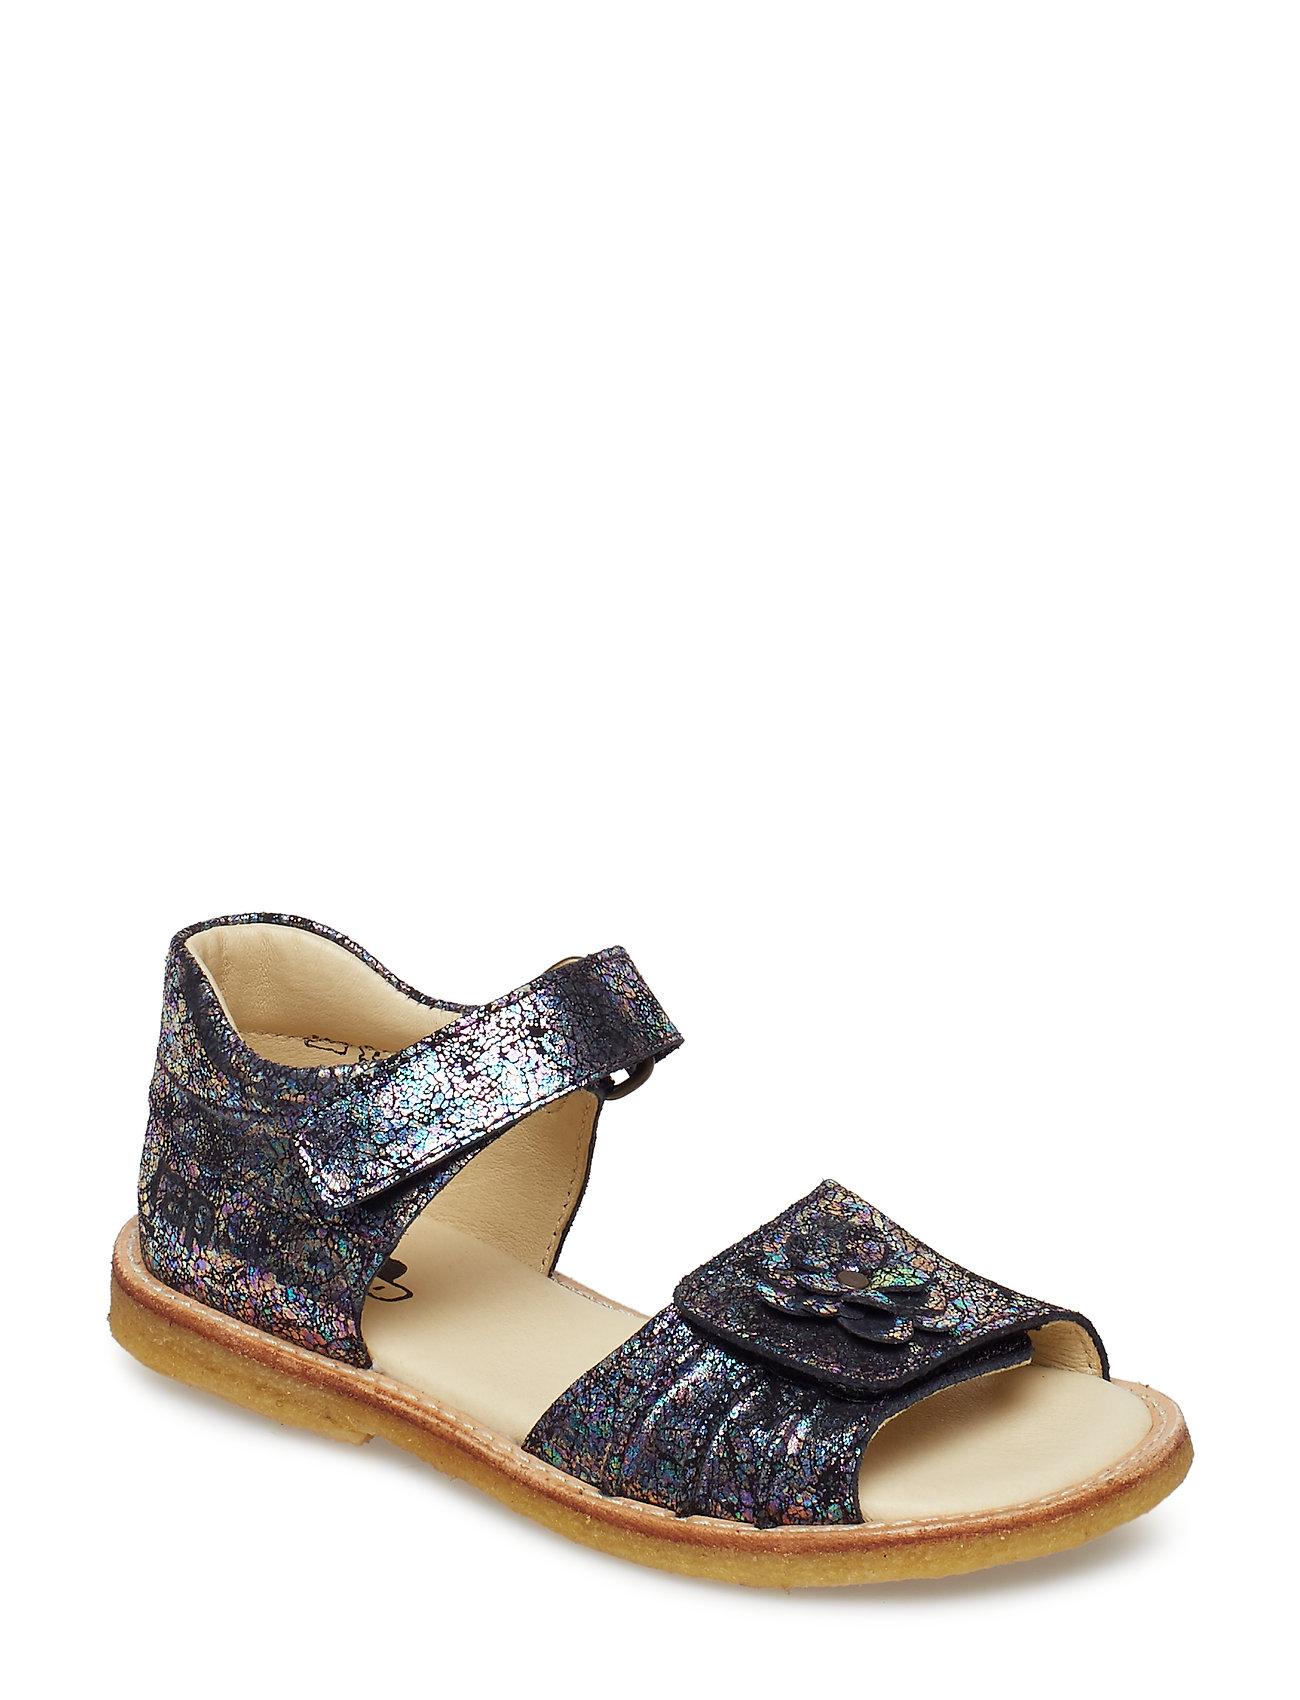 ce916ac6eaf V1-COMET BERRY Arauto RAP Hand Made Sandal sandaler for børn ...